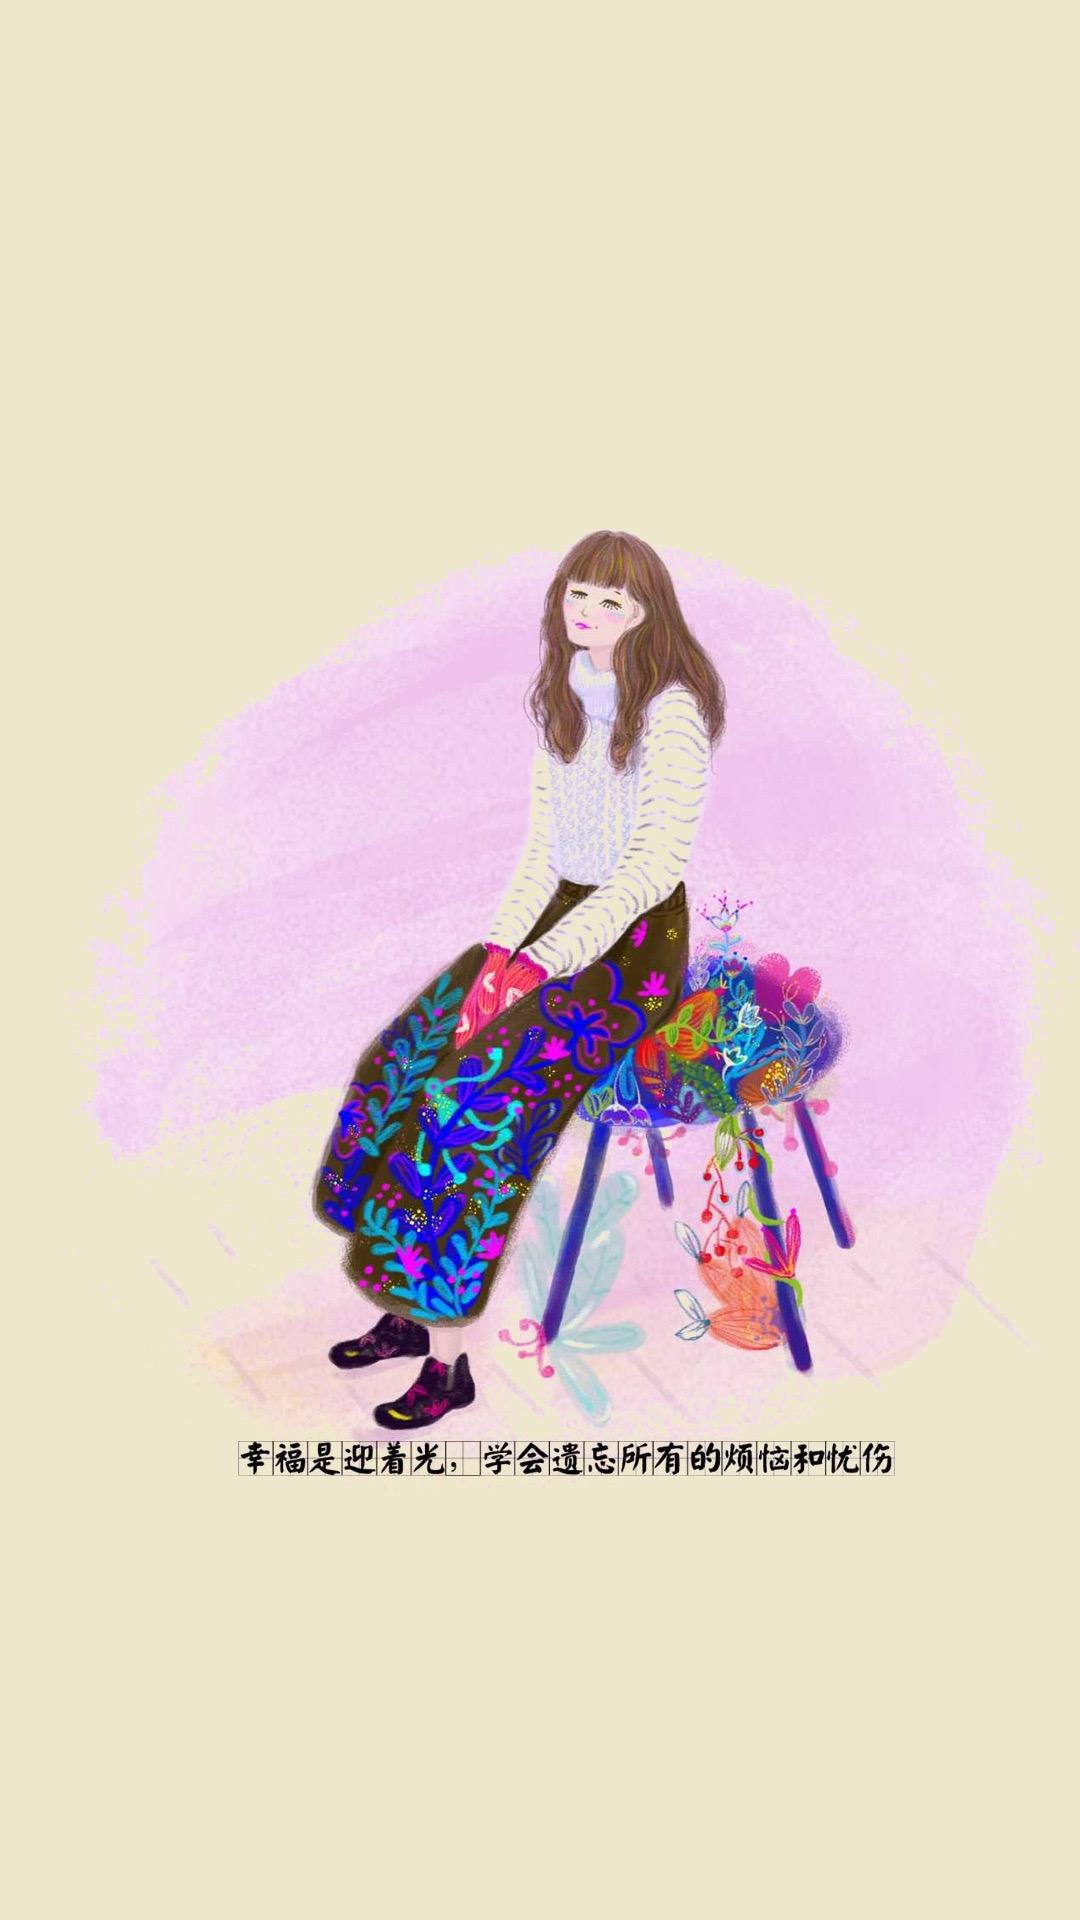 手绘男女 苹果手机高清壁纸 1080x1920_爱思助手